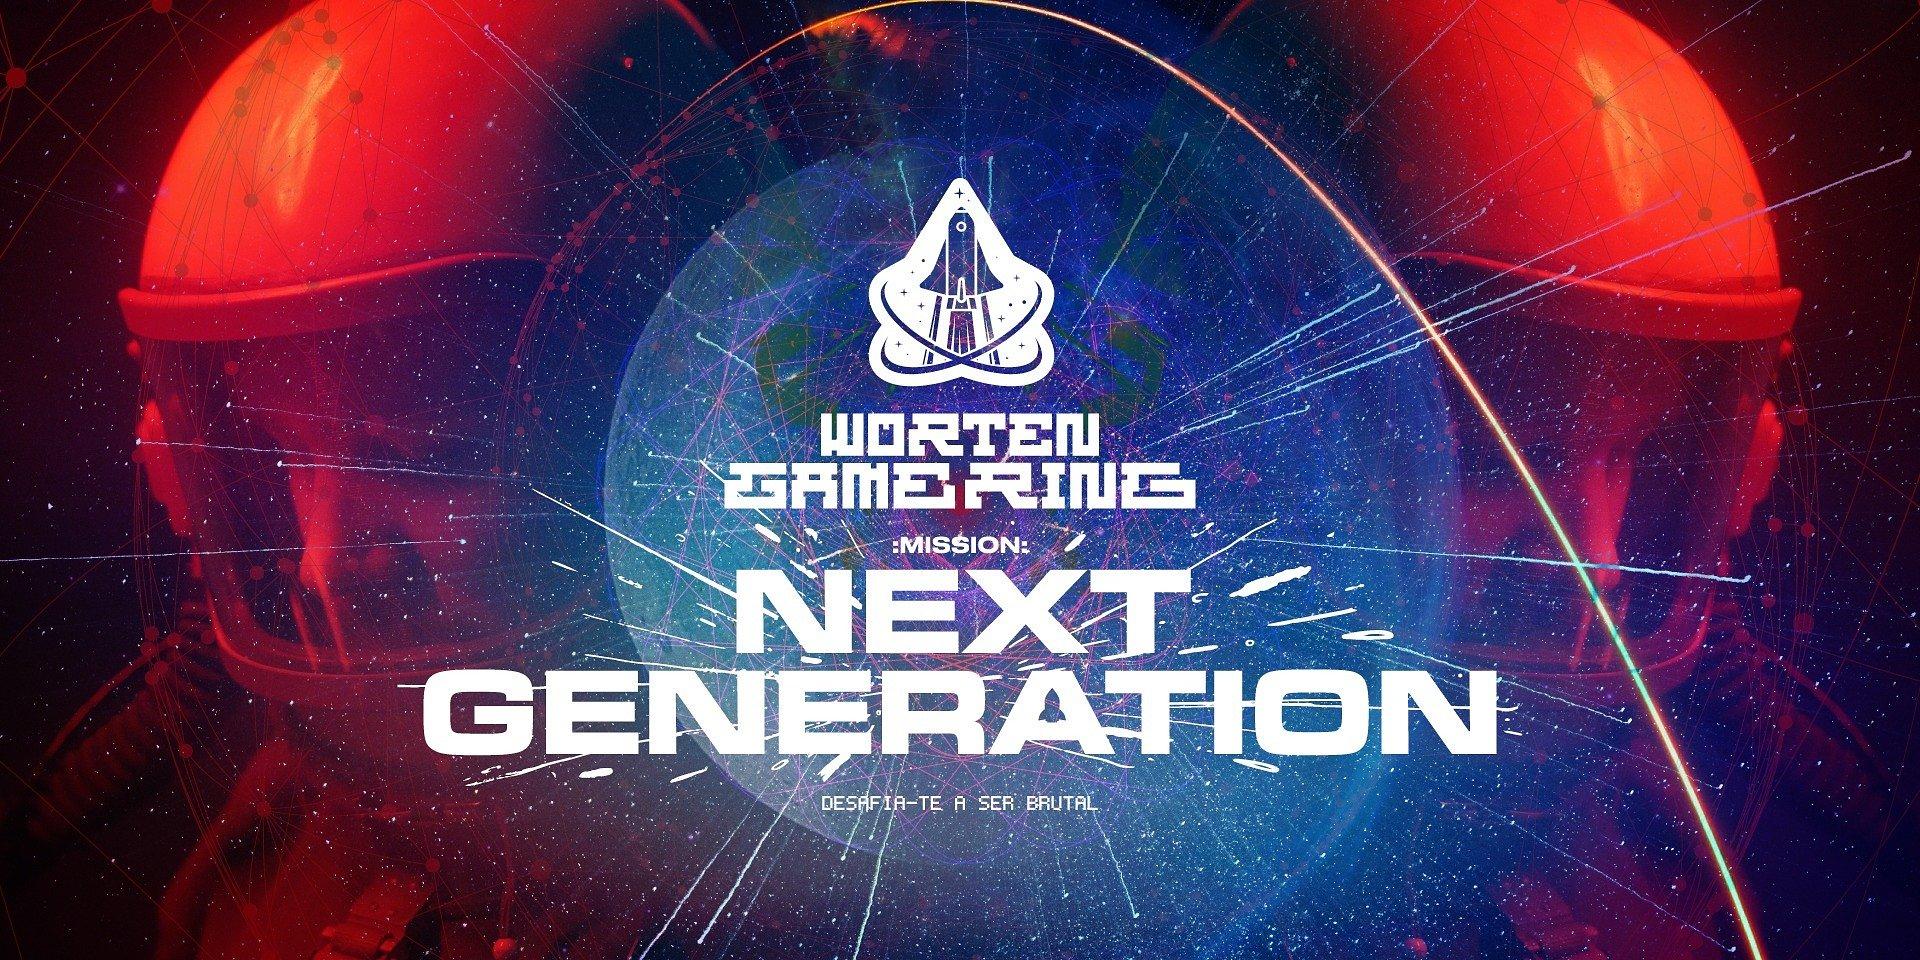 """WORTEN GAME RING APRESENTA """"MISSION: NEXT GENERATION"""" COM PRÉ-VENDAS E UMA VIAGEM DE OUTRO MUNDO"""